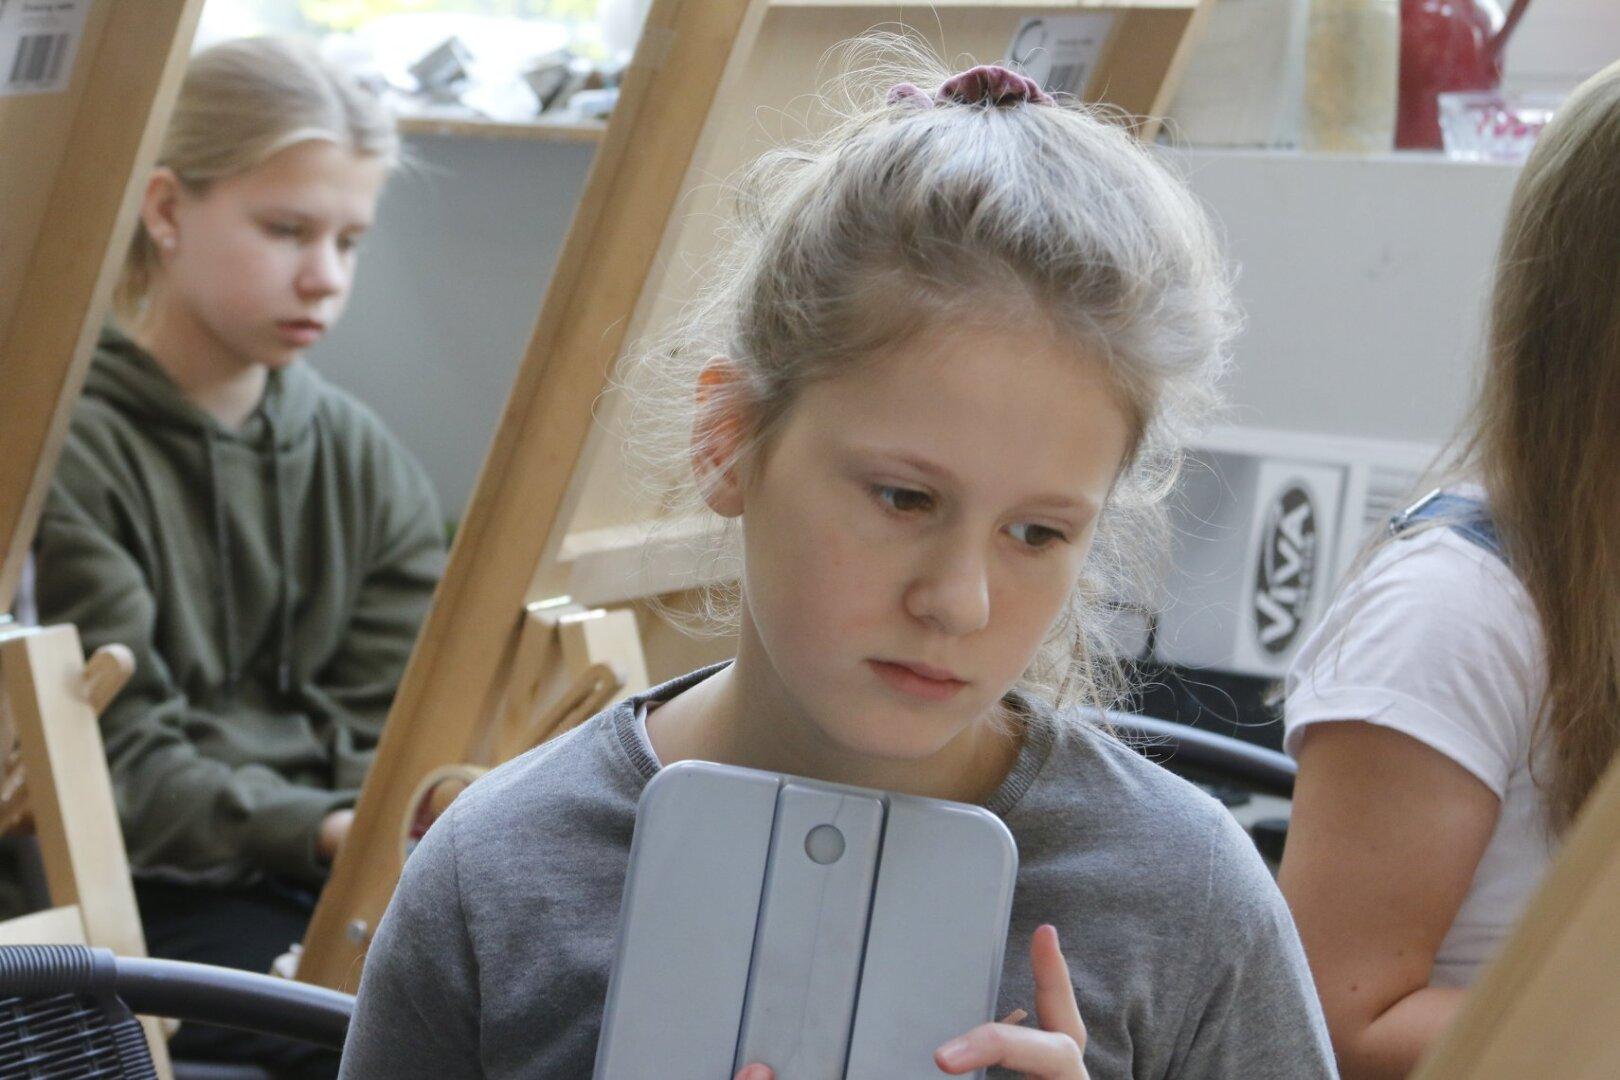 Portreekunsti alused lastele, vanus 9-11